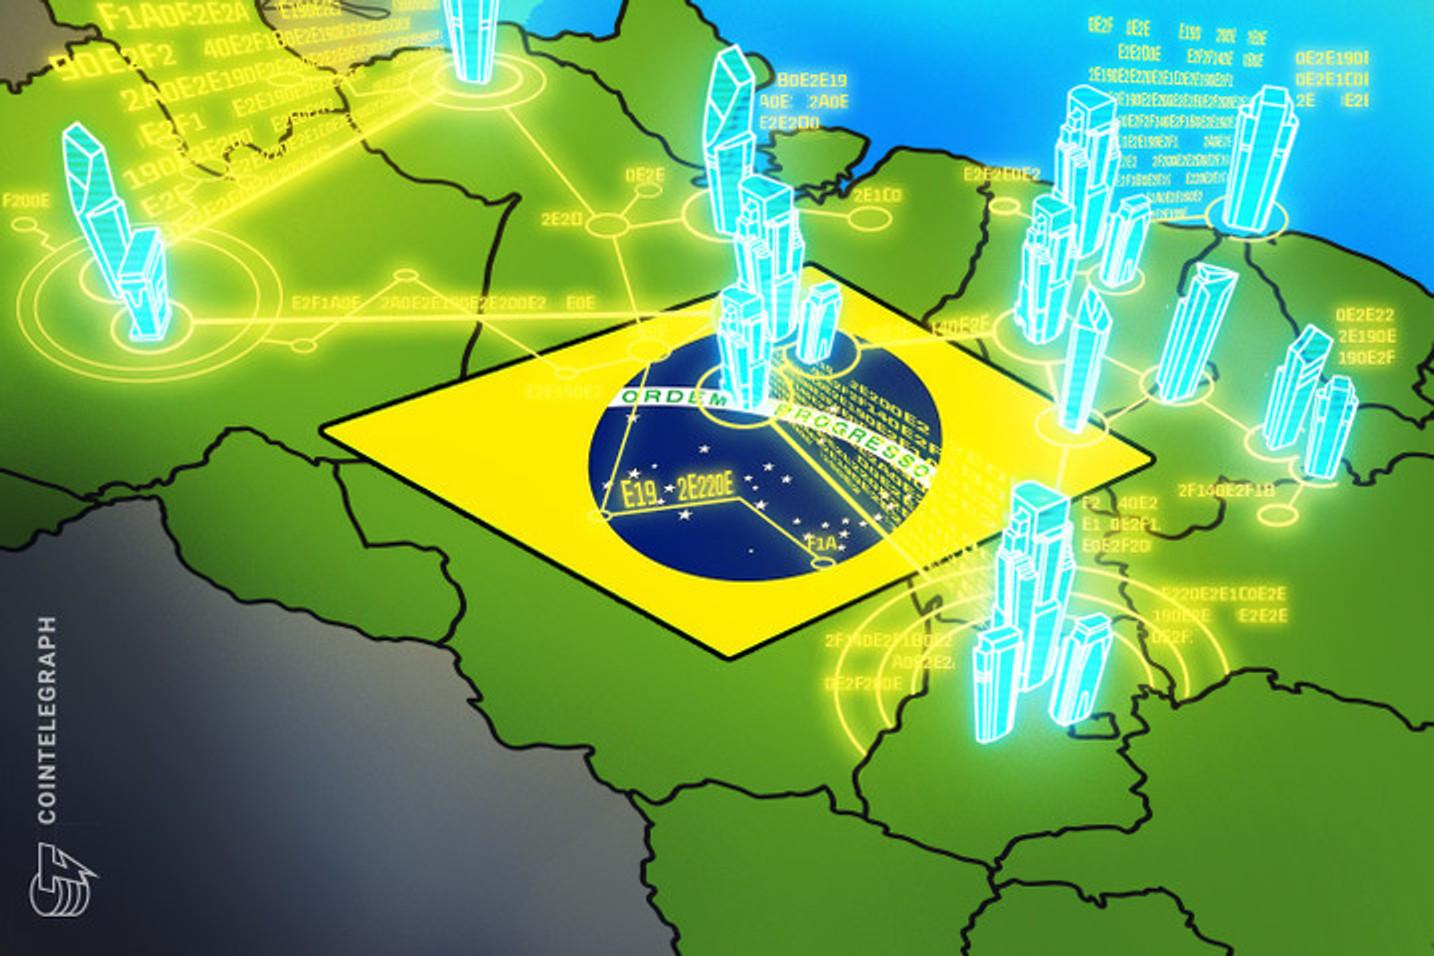 Banco do Brasil lança plataforma blockchain para venda de propriedades rurais de até R$ 48 milhões